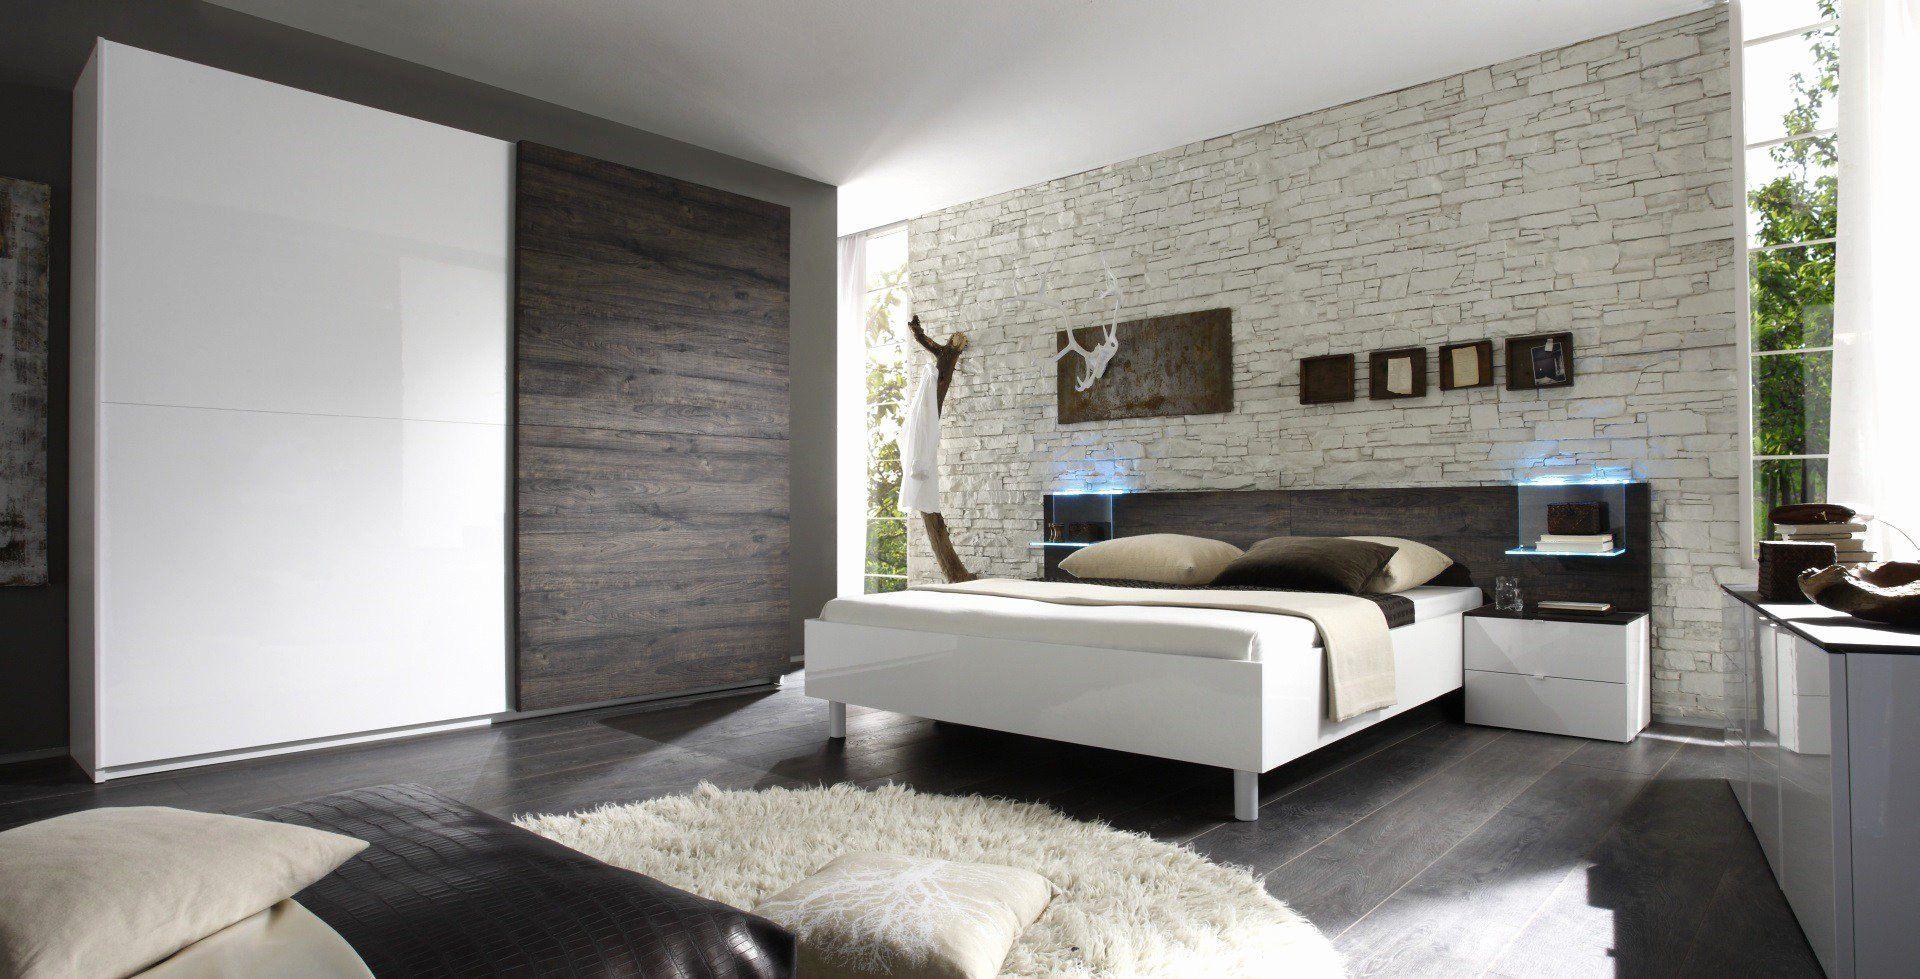 Lit Mezzanine Bois 2 Places Douce Lit Mezzanine Pour Adulte Lit Mezzanine Design Lit Mezzanine Design